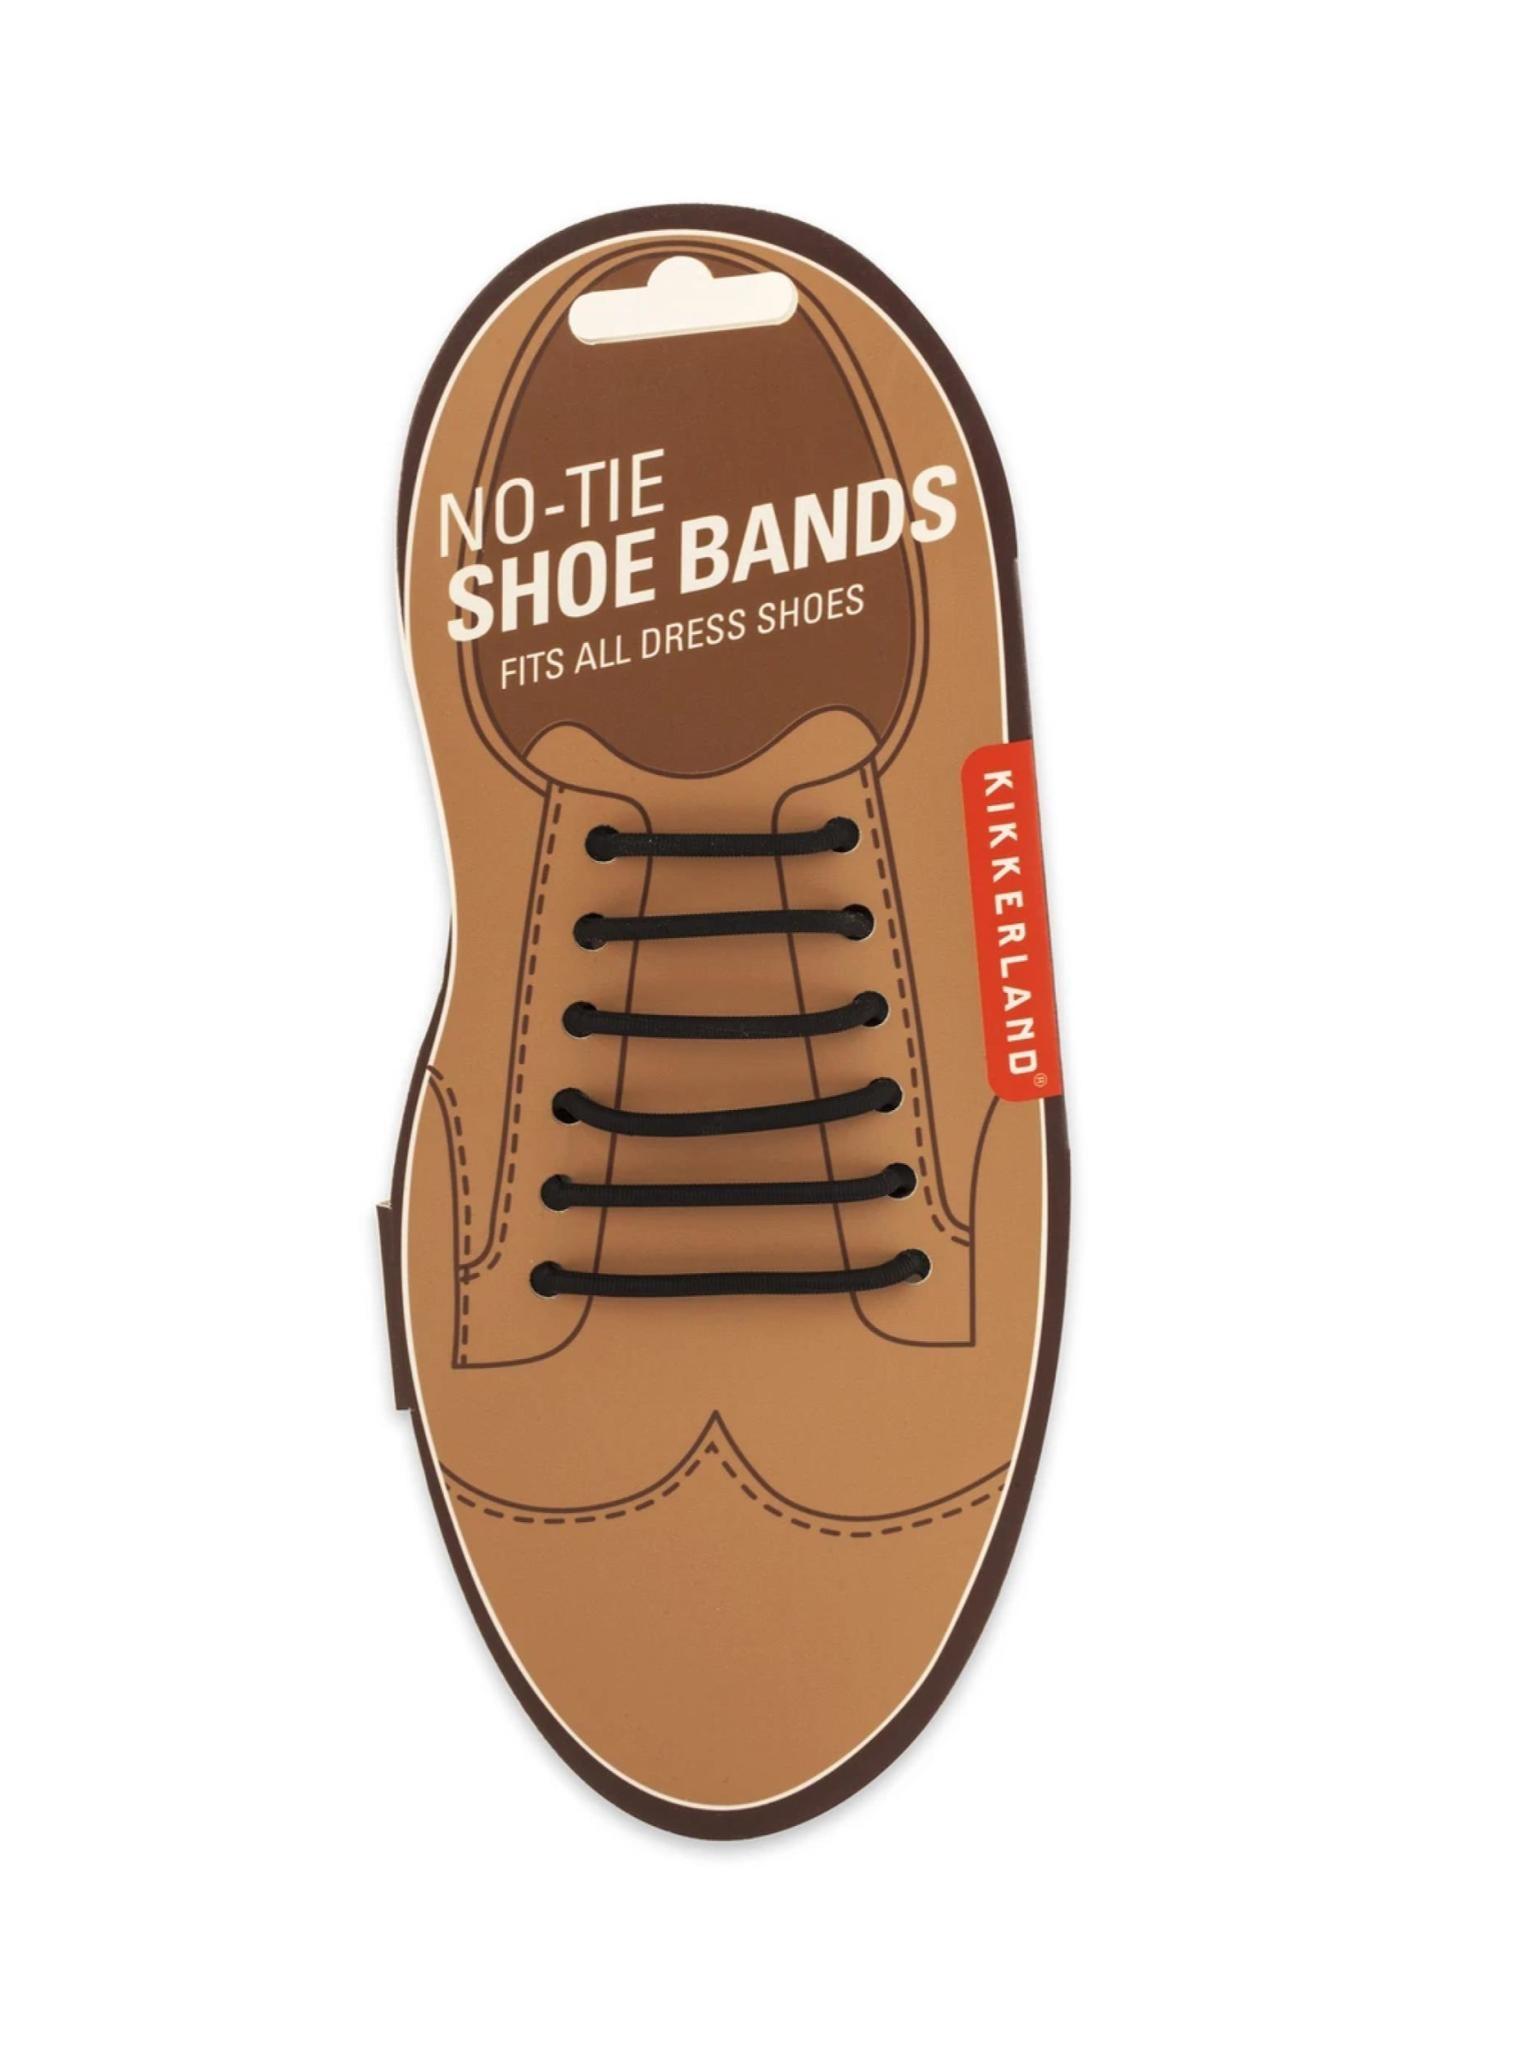 Kikkerland No-Tie Dress Shoe Bands